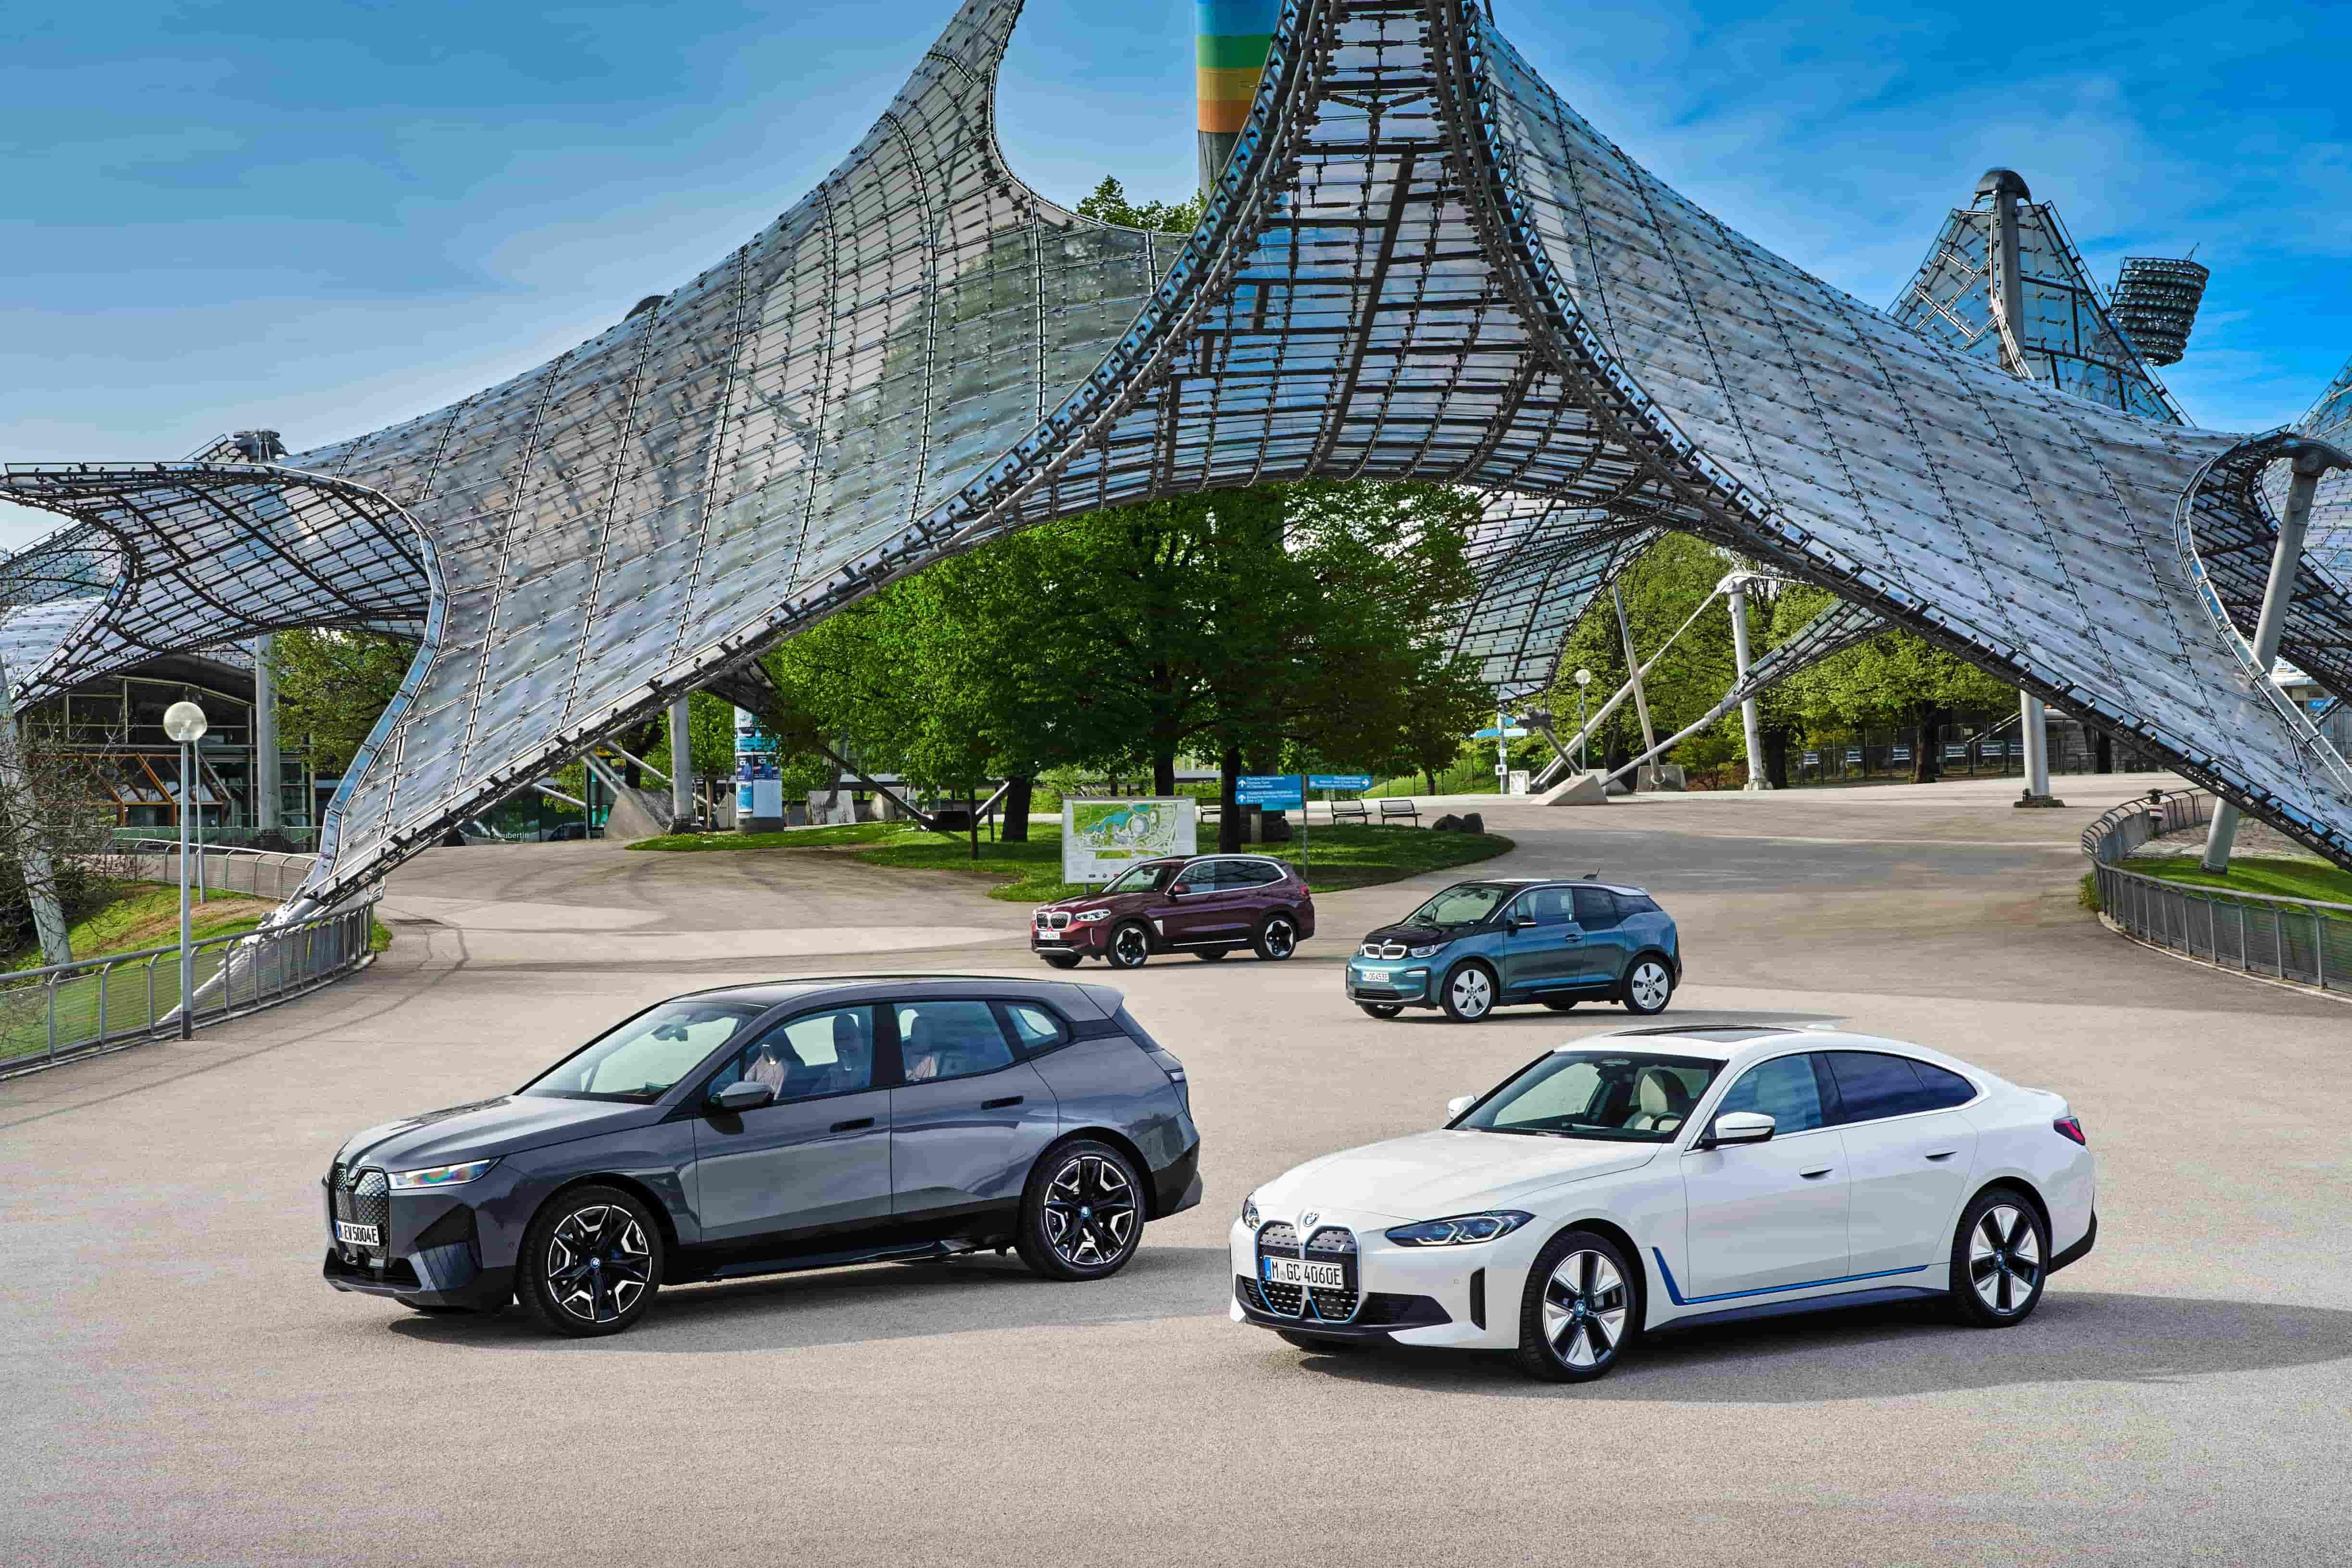 """刚刚宝马揭秘了希望打造的""""最绿色的电动车"""", 它是什么样子?"""